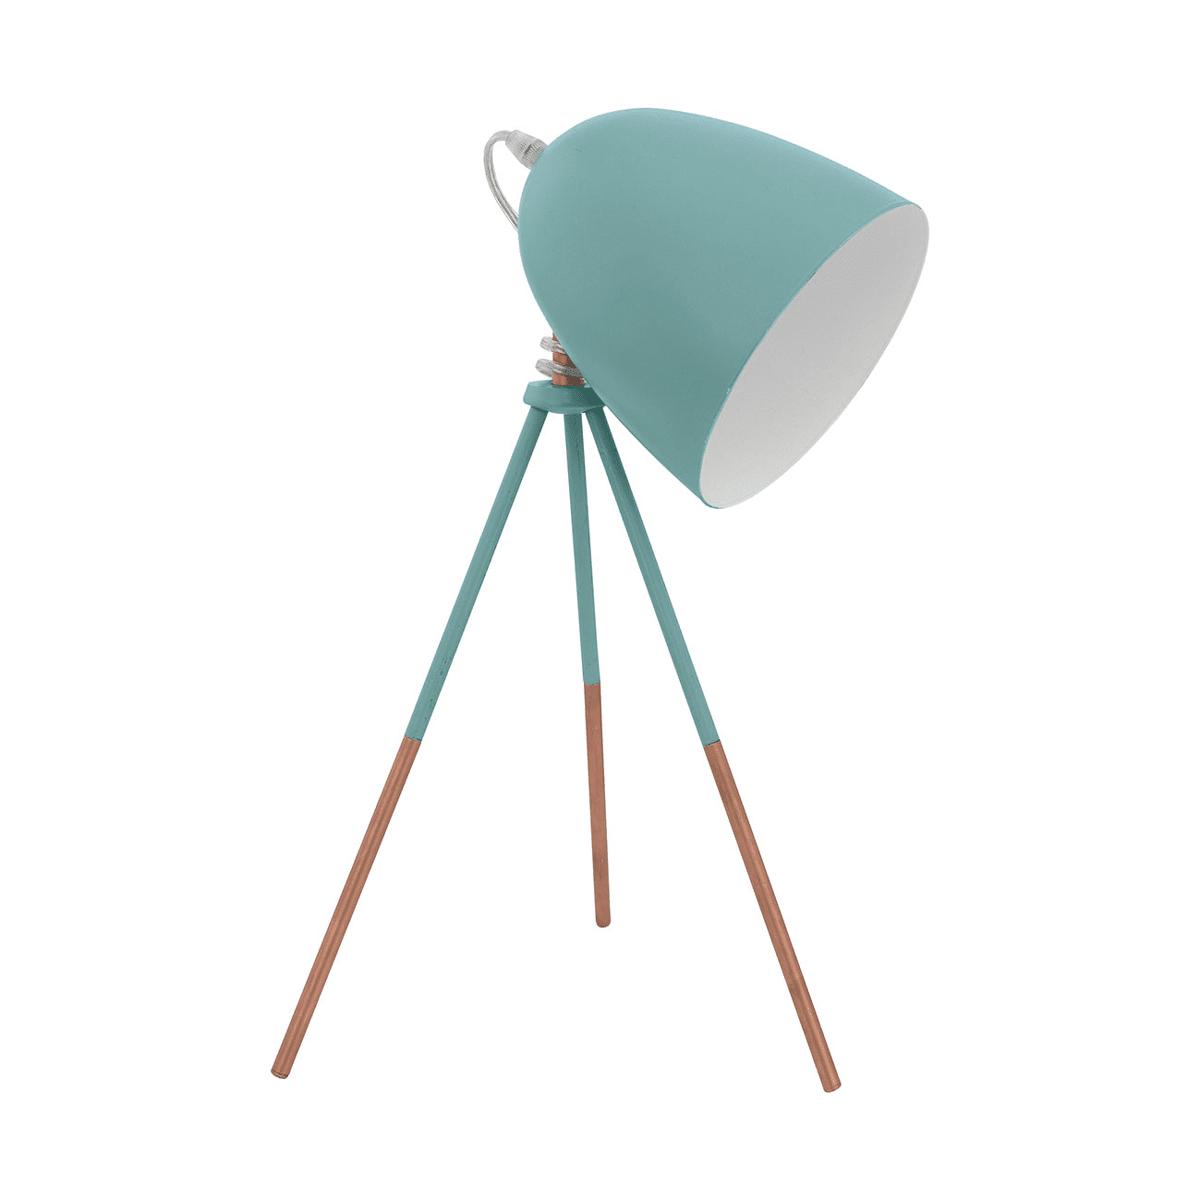 leroy merlin lampade da parete : la lampada da tavolo della collezione Nordic colorato di Leroy Merlin ...